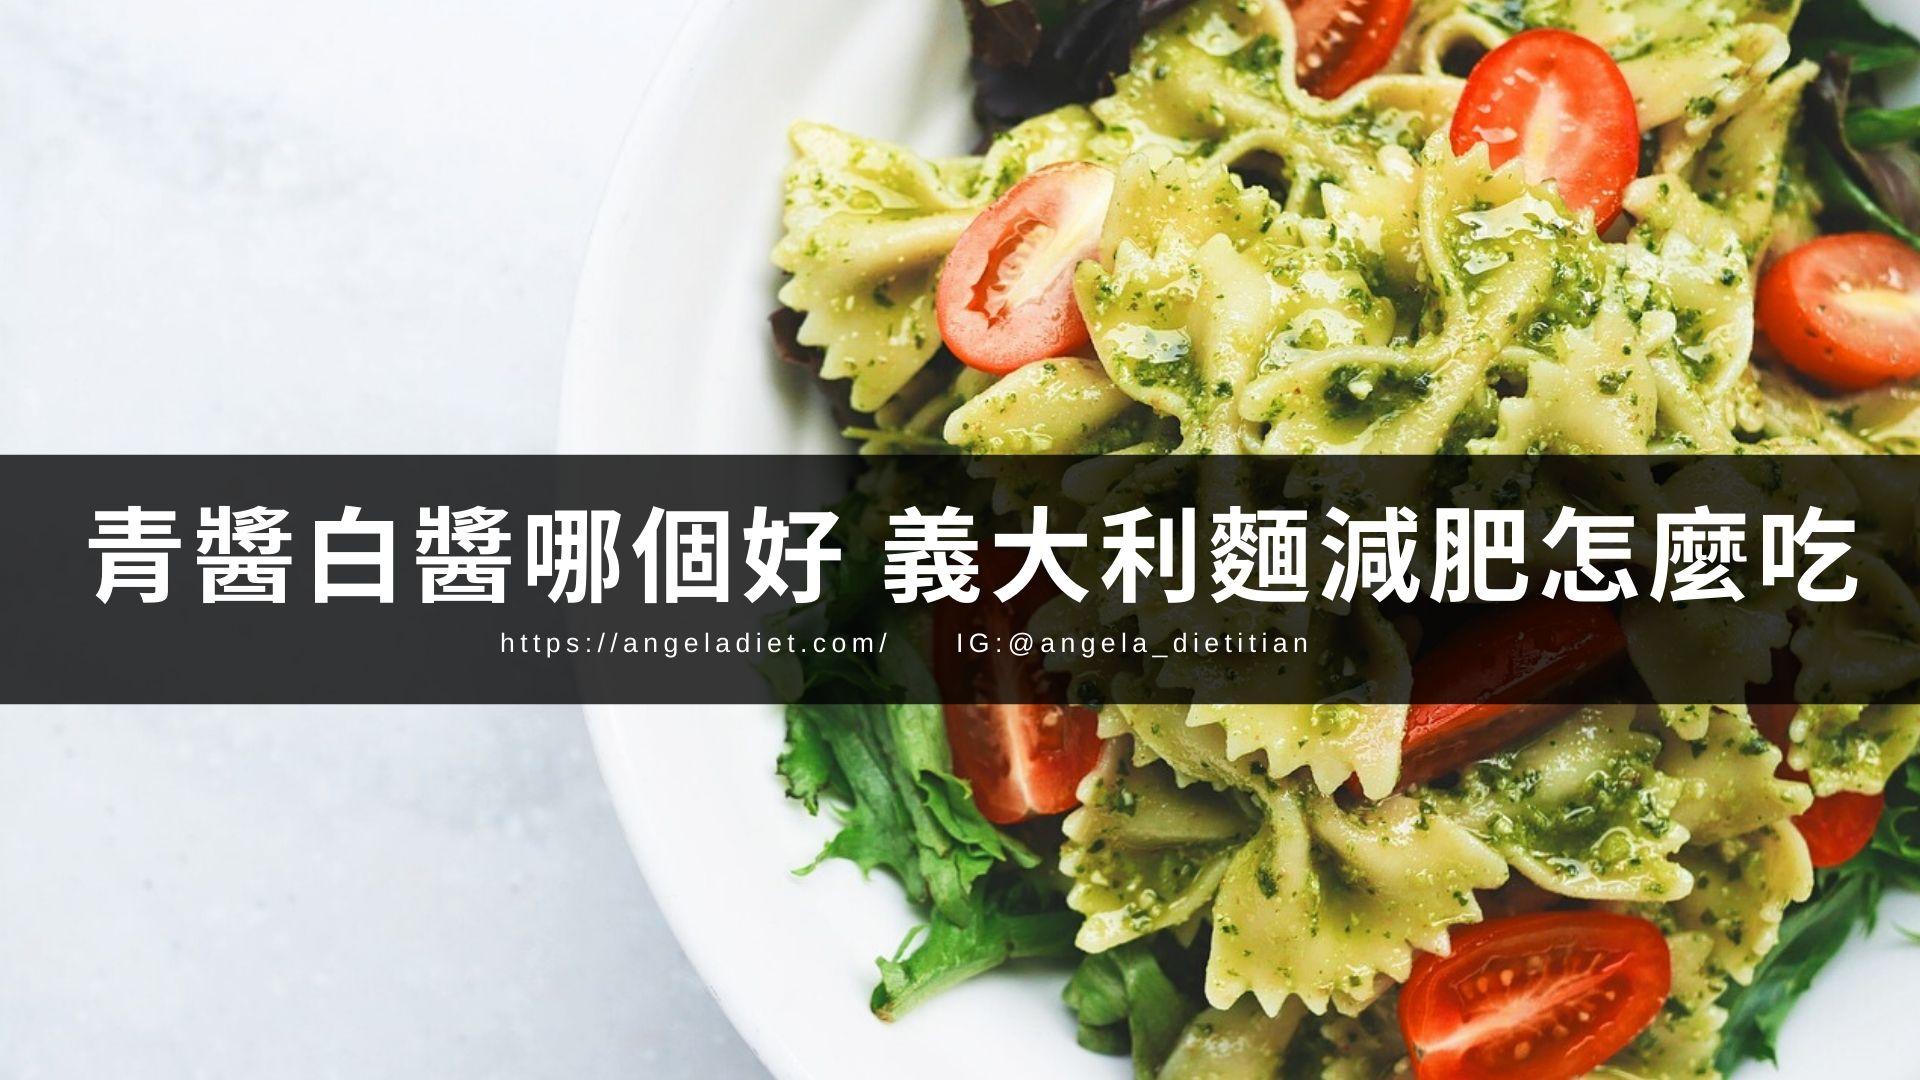 義大利麵減肥怎麼吃